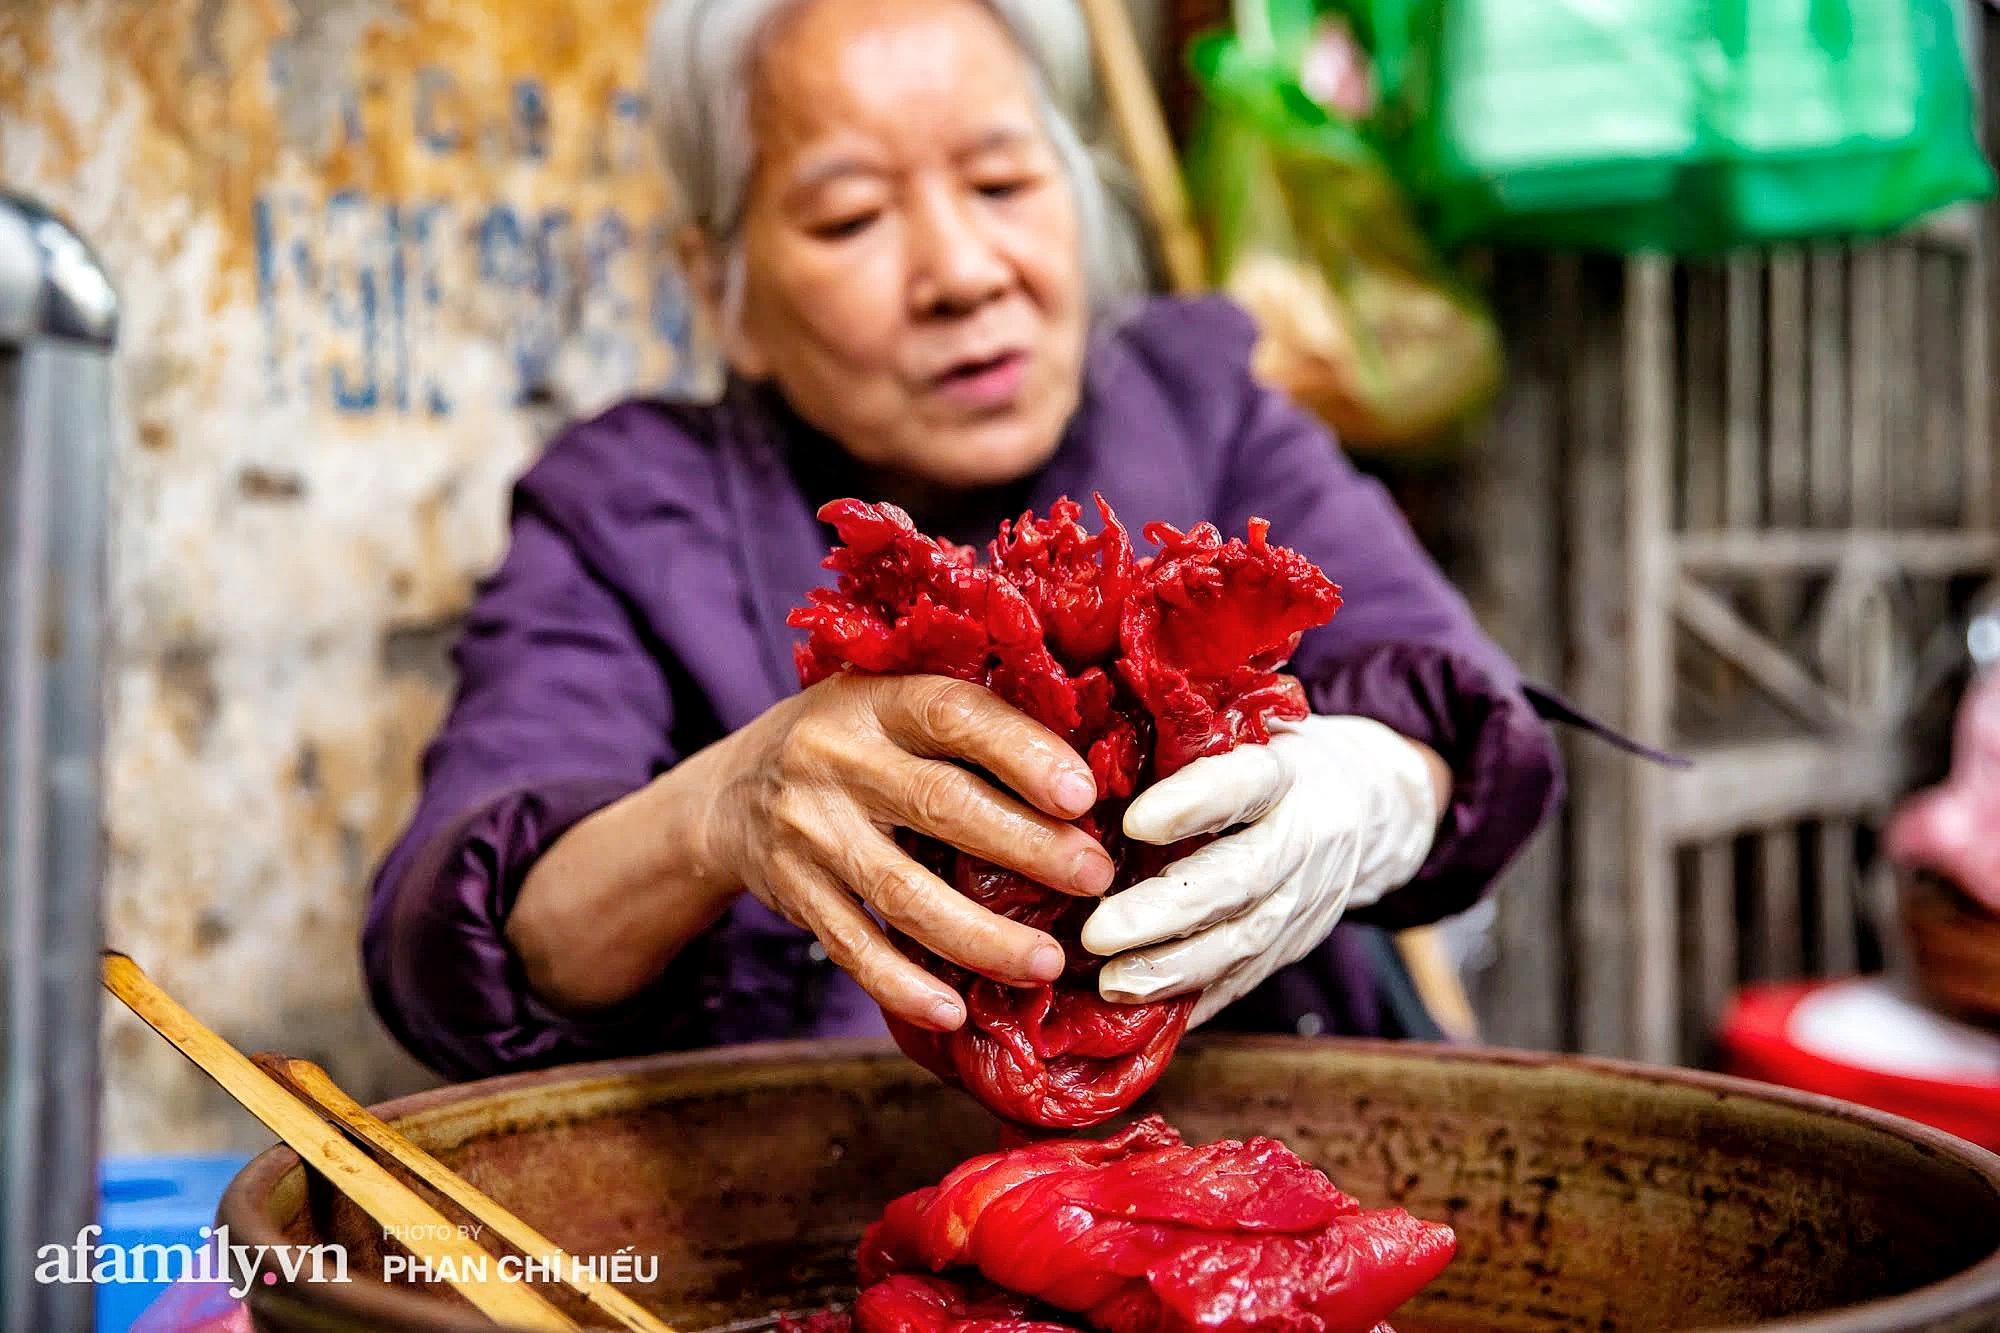 Bà chủ hàng sứa đỏ 3 đời người ở Hà Nội tiết lộ phần ngon nhất của con sứa khi rộ mùa, bật mí chỉ dùng dao tre thay vì dao thép để cắt sứa càng khiến món ăn thêm bí hiểm - Ảnh 5.